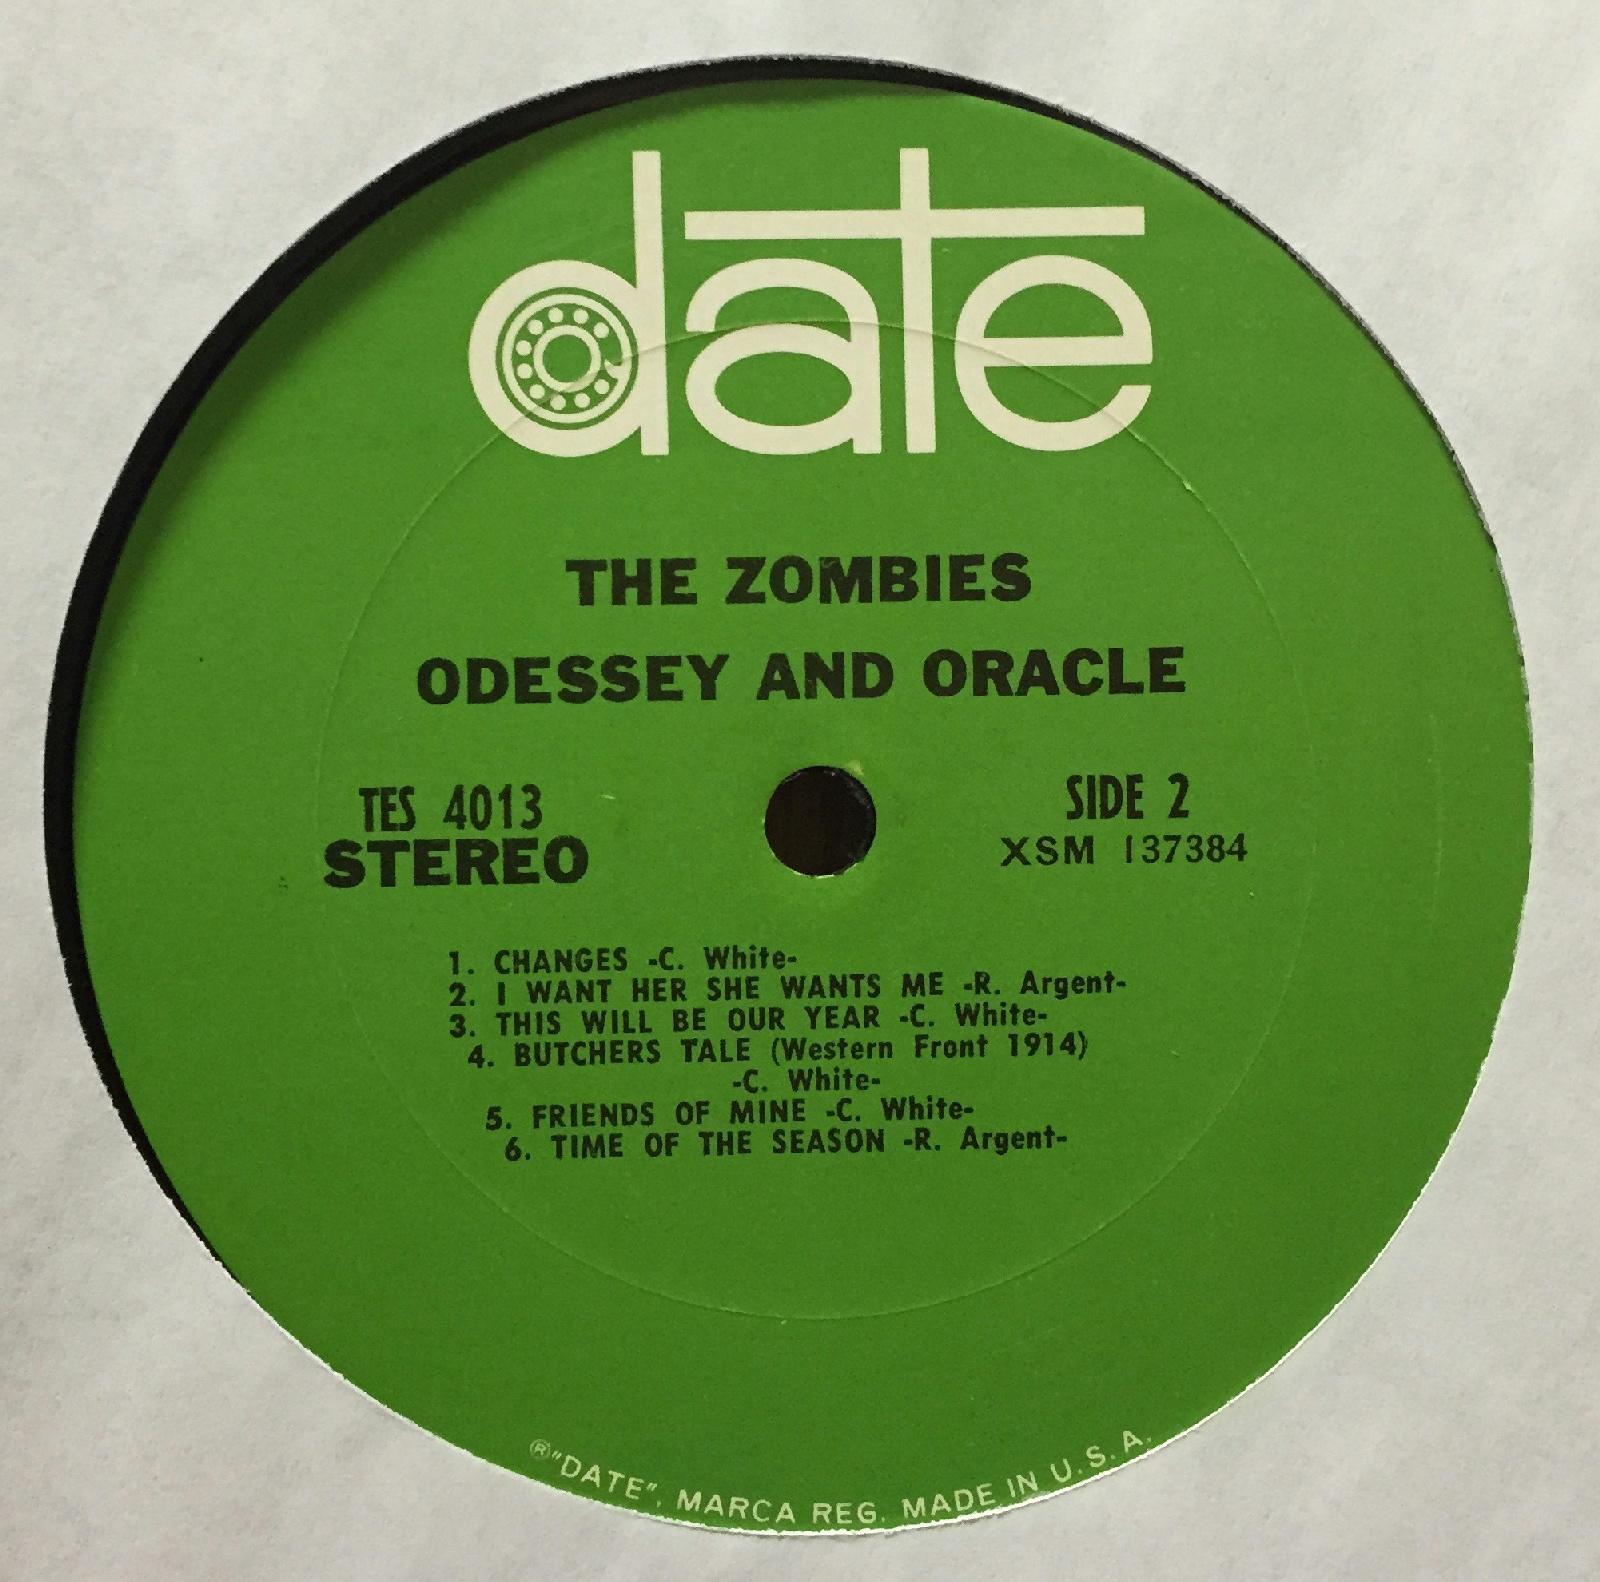 Los Zombies Odessey Y Oracle Lp Muy Bueno 1968 Fecha Tes